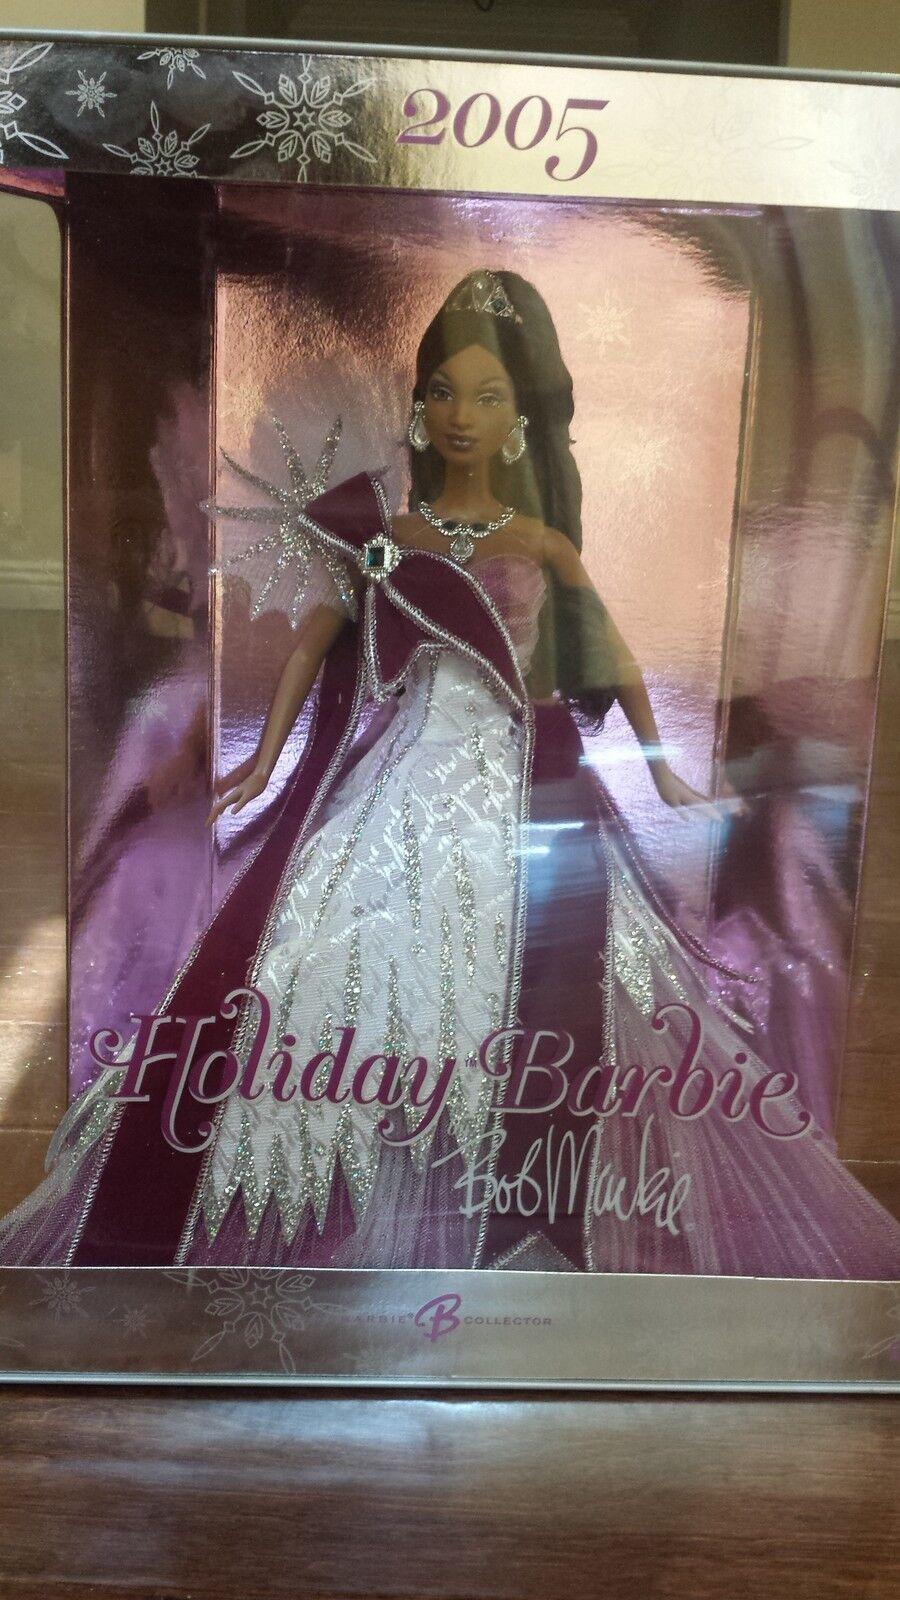 2005 Holiday Barbie By Bob Mackie-African American (BNIB)